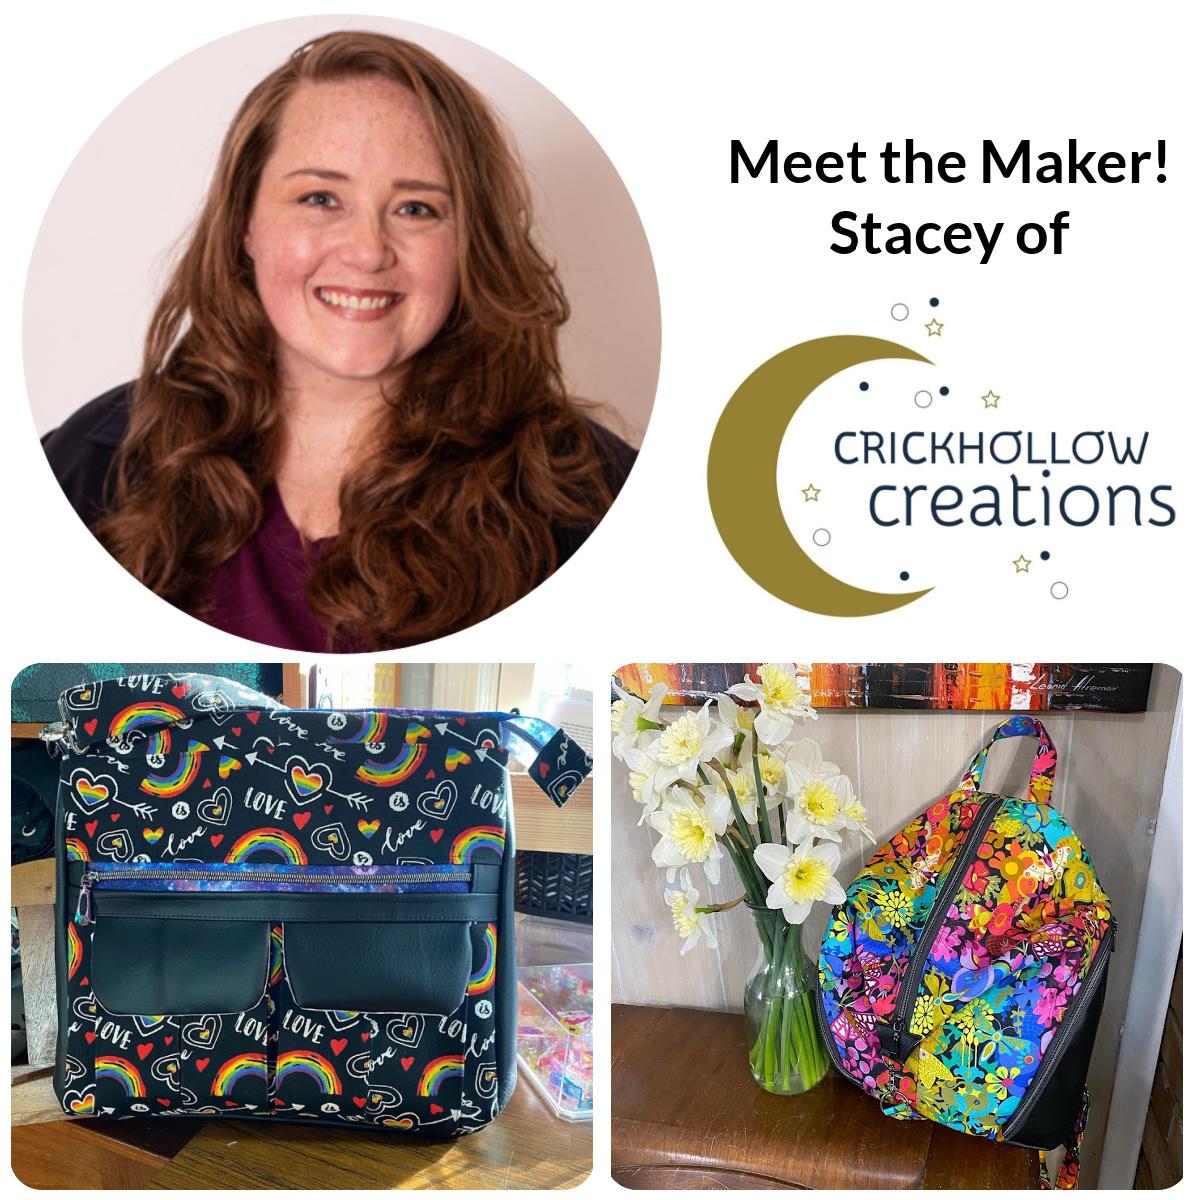 Meet the Maker - Stacey of Crickhollow Creations!